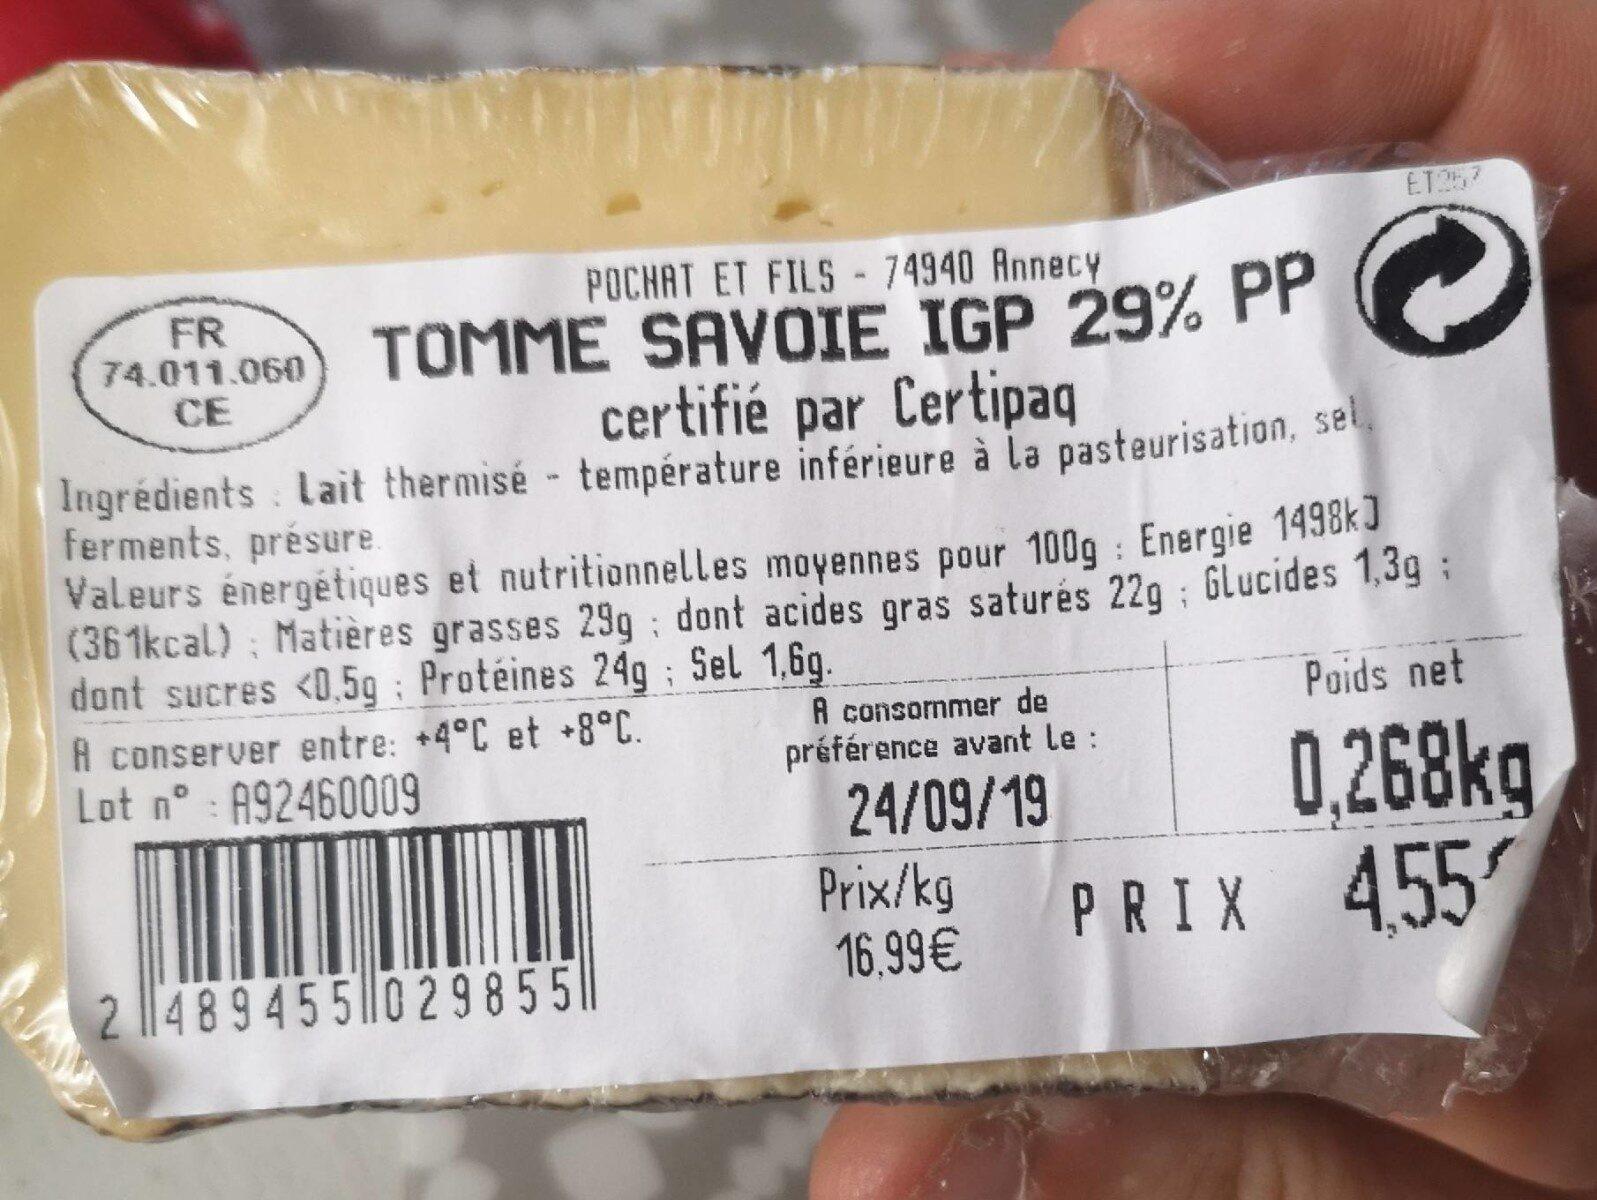 Tomme de savoie igp 29%pp - Product - fr